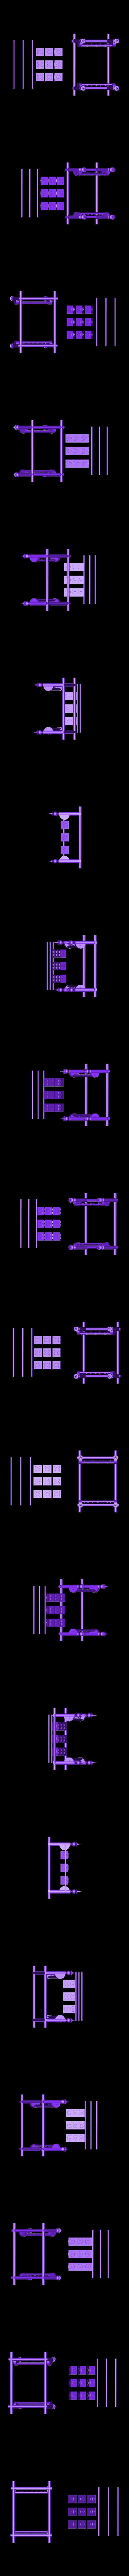 TAIMBAL2 DED 3 (2) partes.stl Télécharger fichier OBJ gratuit Jeu de la quarantaine YOX • Modèle à imprimer en 3D, ronaldocc13